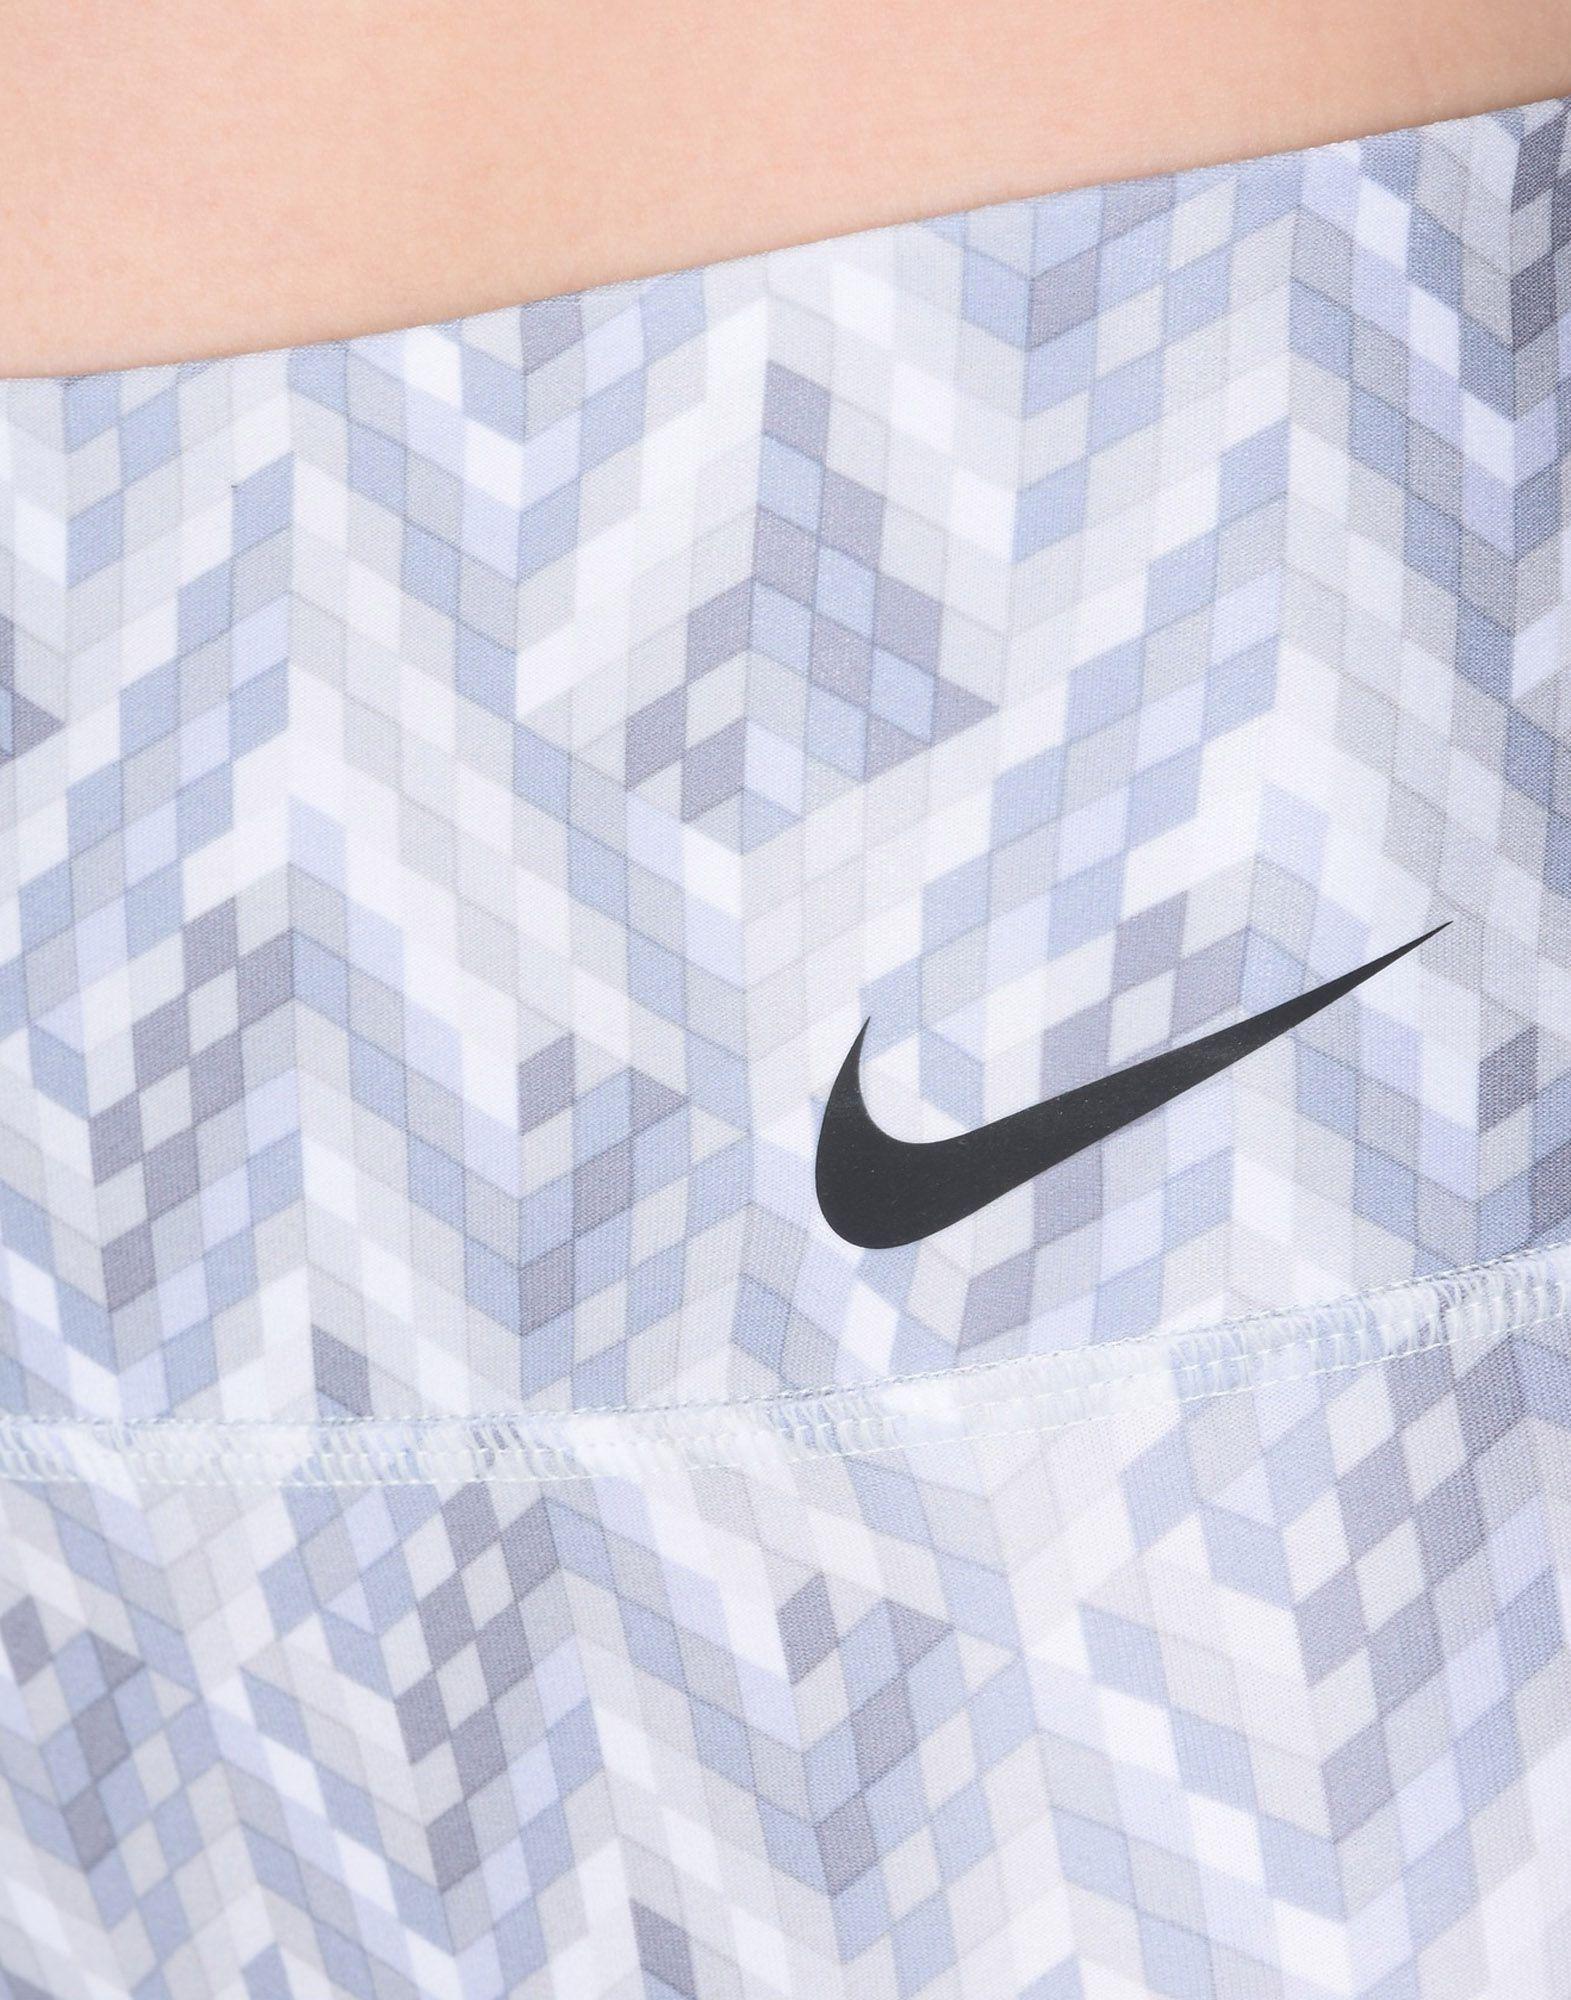 Nike Woman Leggings